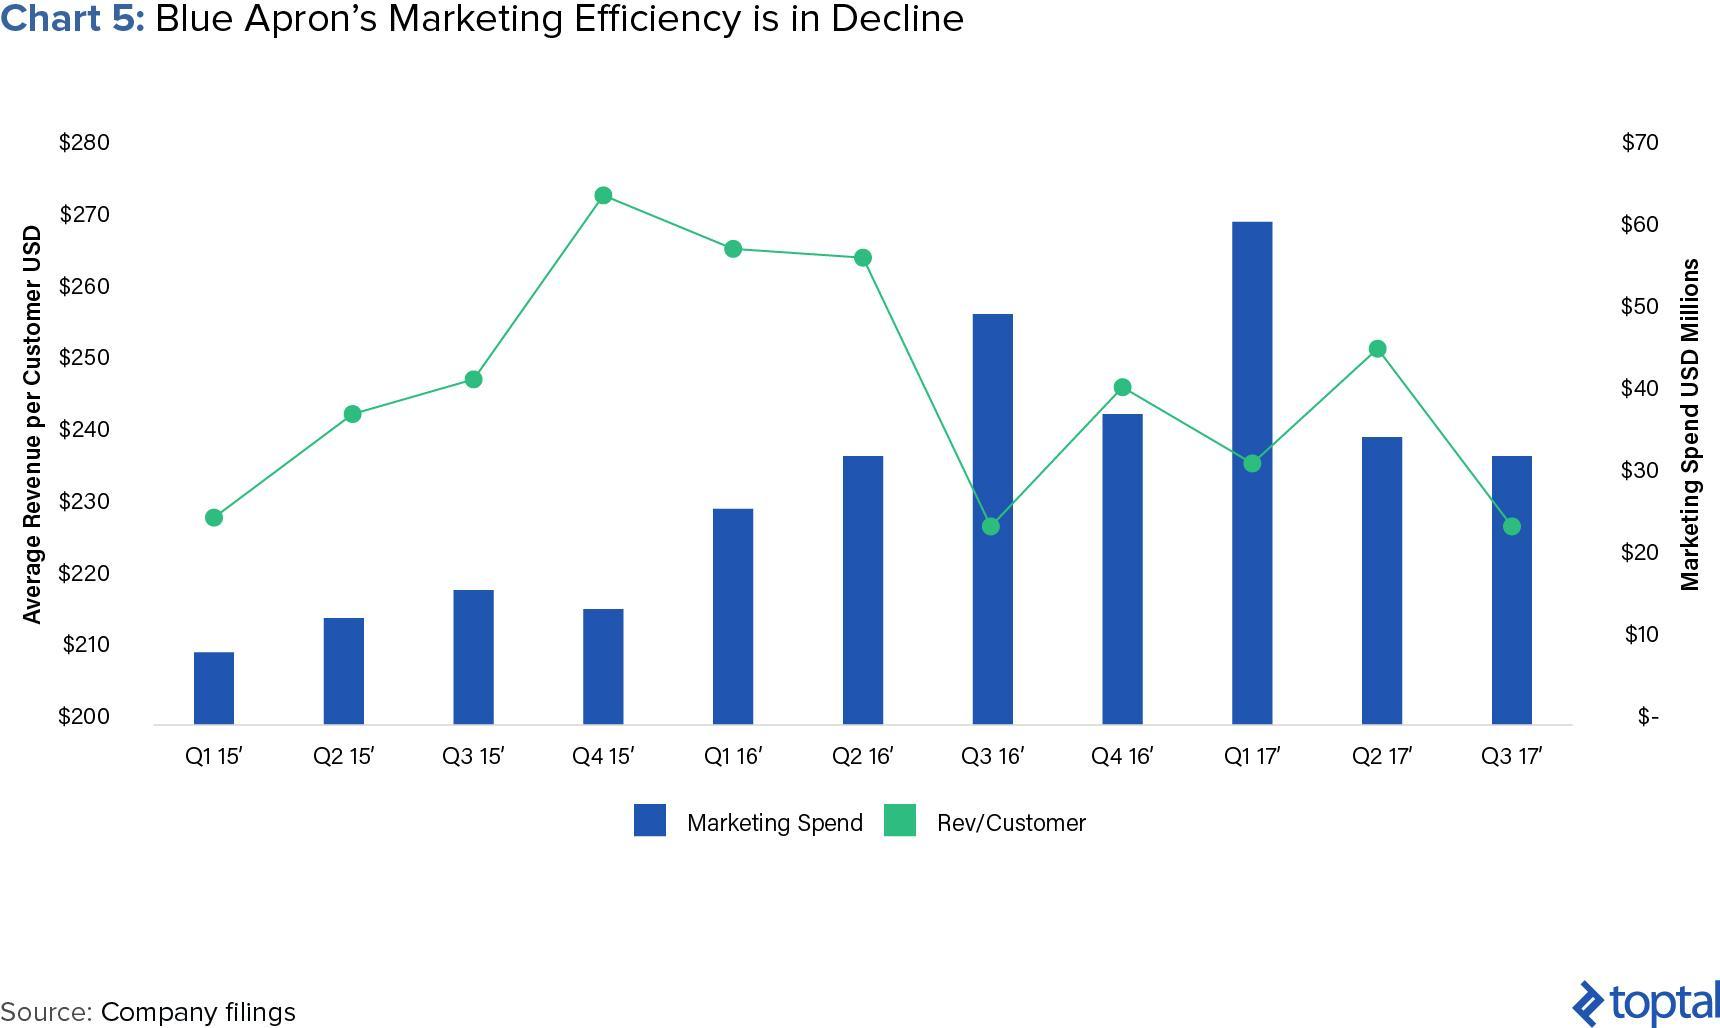 comparación Blue Apron del gasto de marketing con los ingresos por cliente